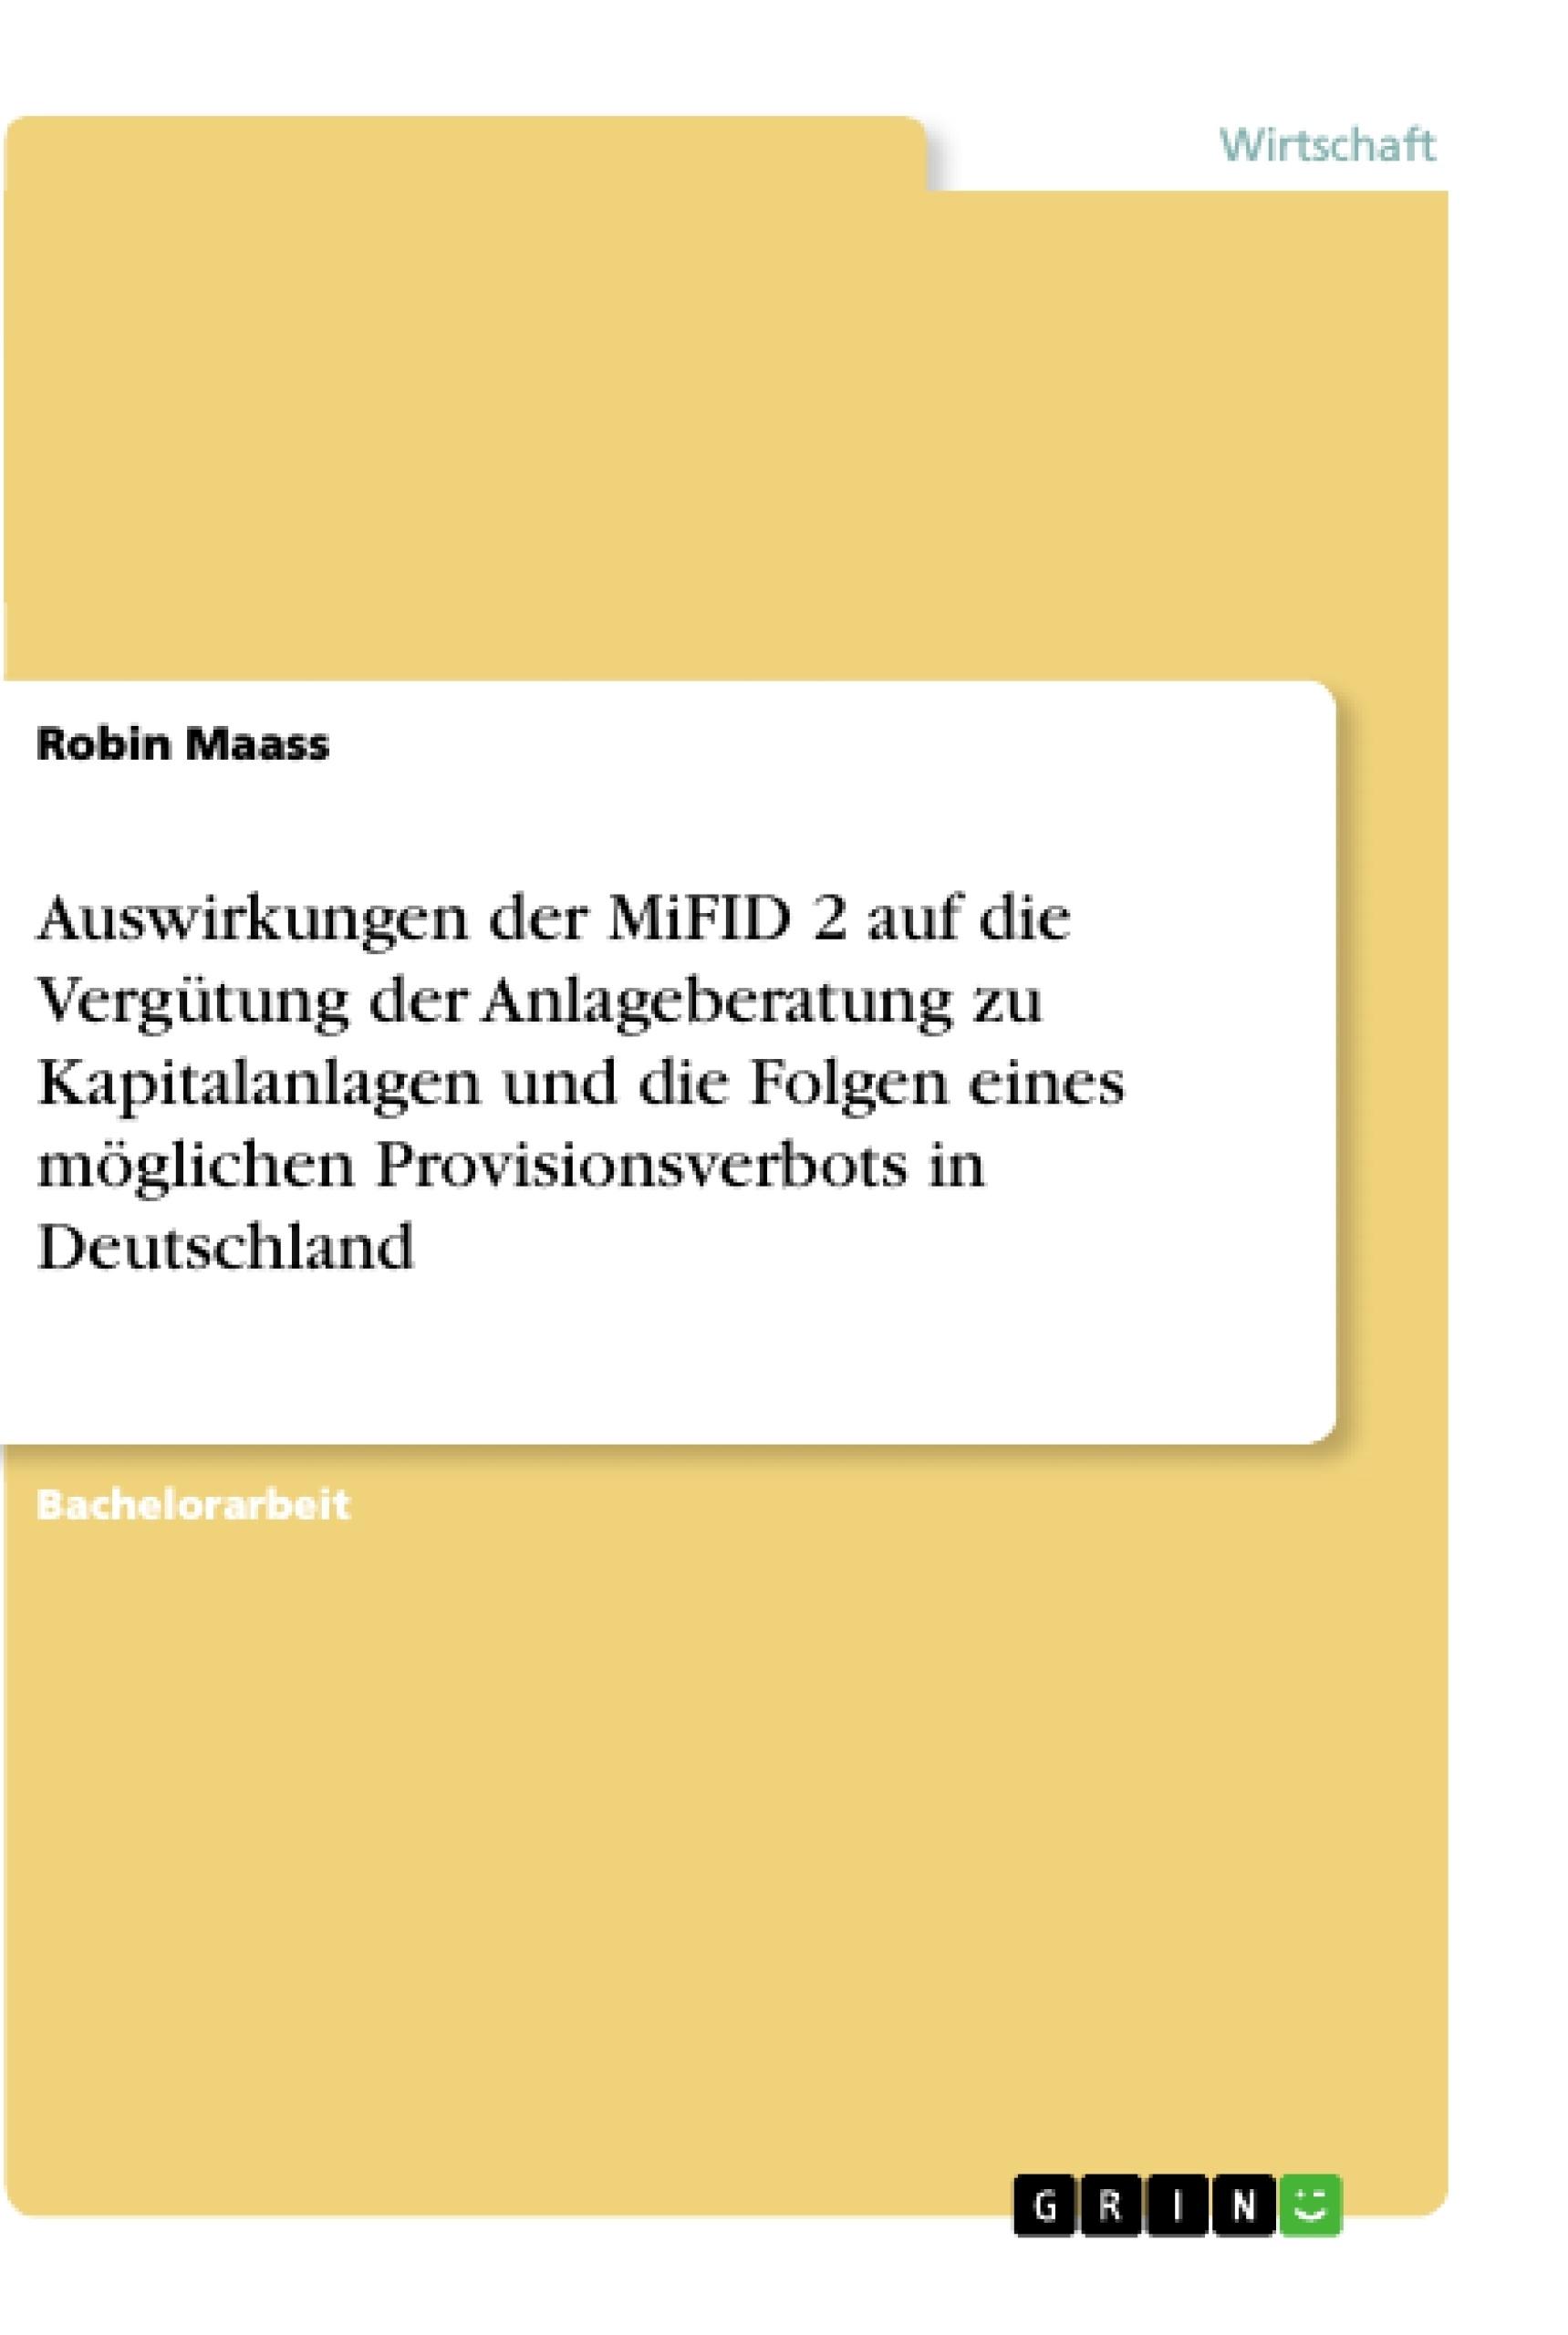 Titel: Auswirkungen der MiFID 2 auf die Vergütung der Anlageberatung zu Kapitalanlagen und die Folgen eines möglichen Provisionsverbots in Deutschland